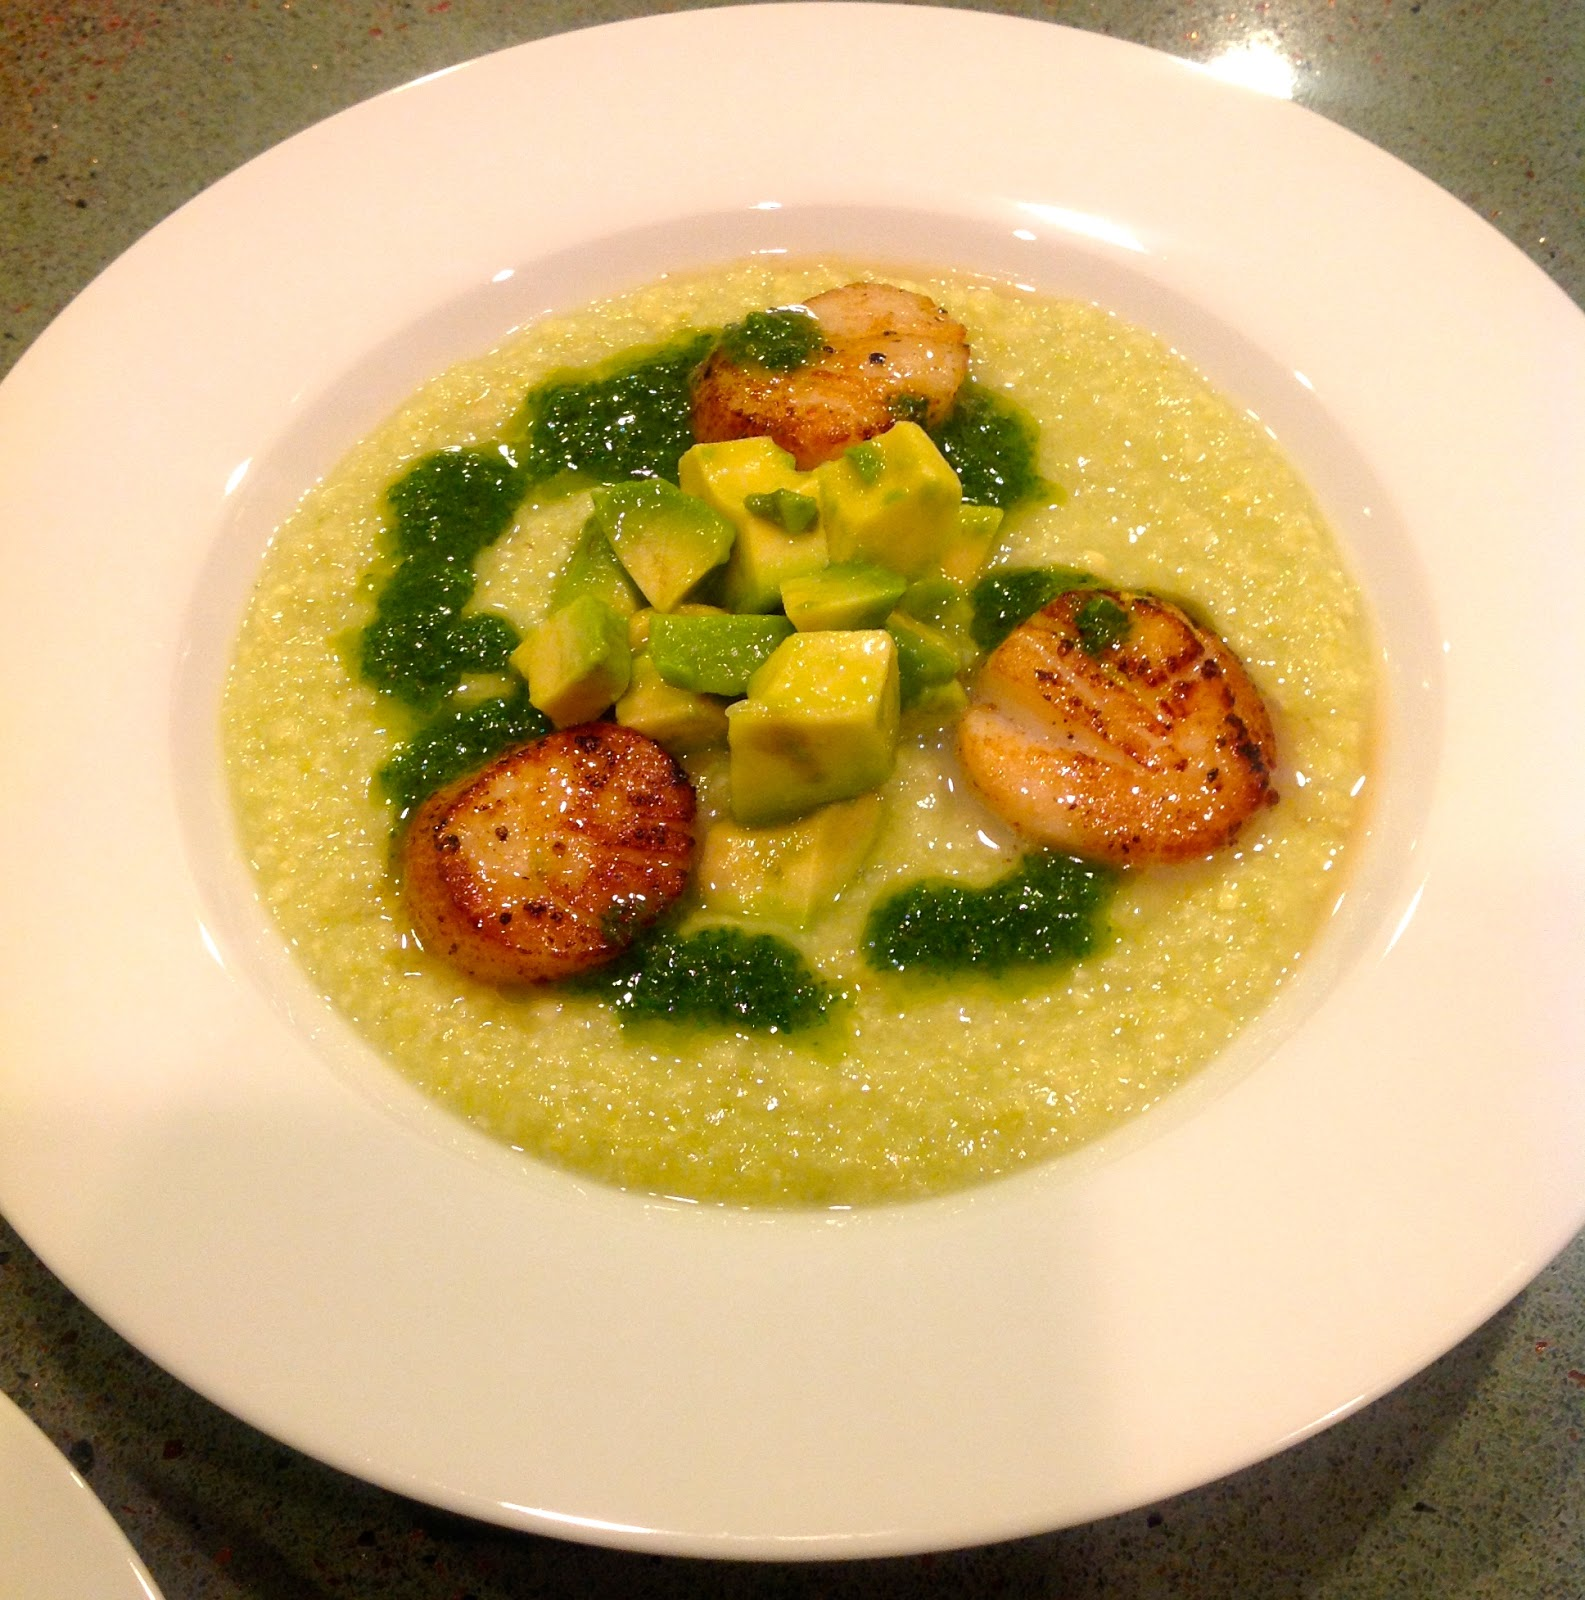 Cold Avocado Corn Soup With Cilantro Oil Recipes — Dishmaps